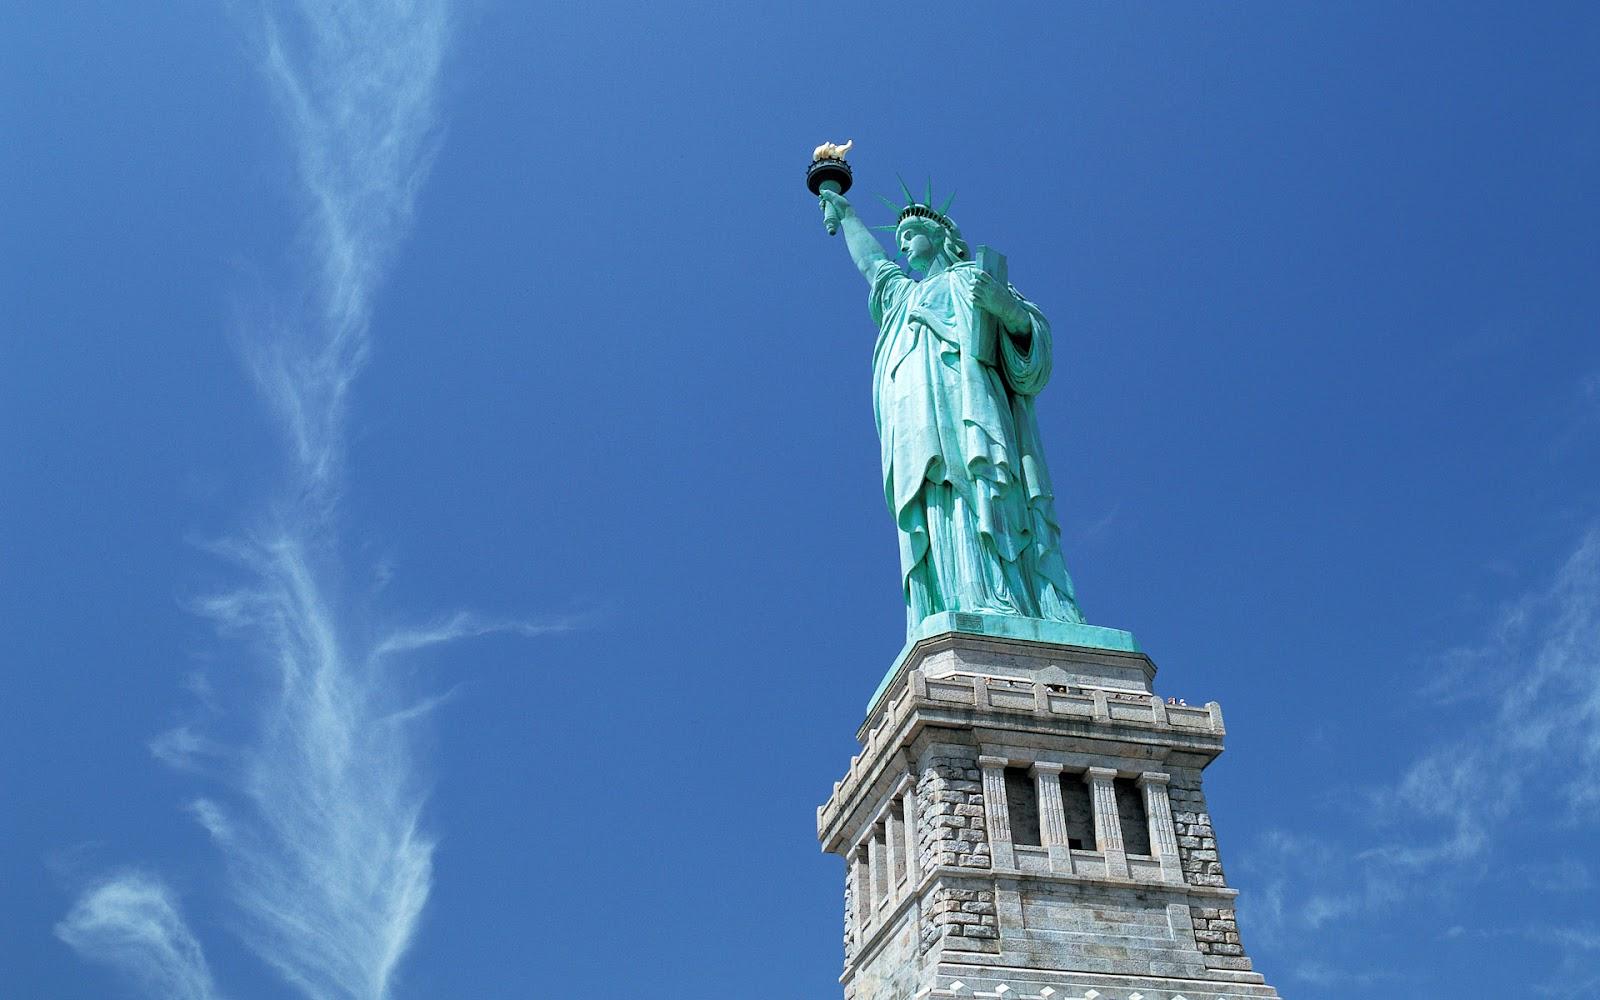 http://3.bp.blogspot.com/-6-CWJl_bUwo/UA-vWpe3gzI/AAAAAAAADaM/gNSnXZC0HQs/s1600/hd-landschappen-wallpapers-steden-met-the-statue-of-liberty-in-new-york-city-vrijheidsbeeld-hd-achtergronden.jpg